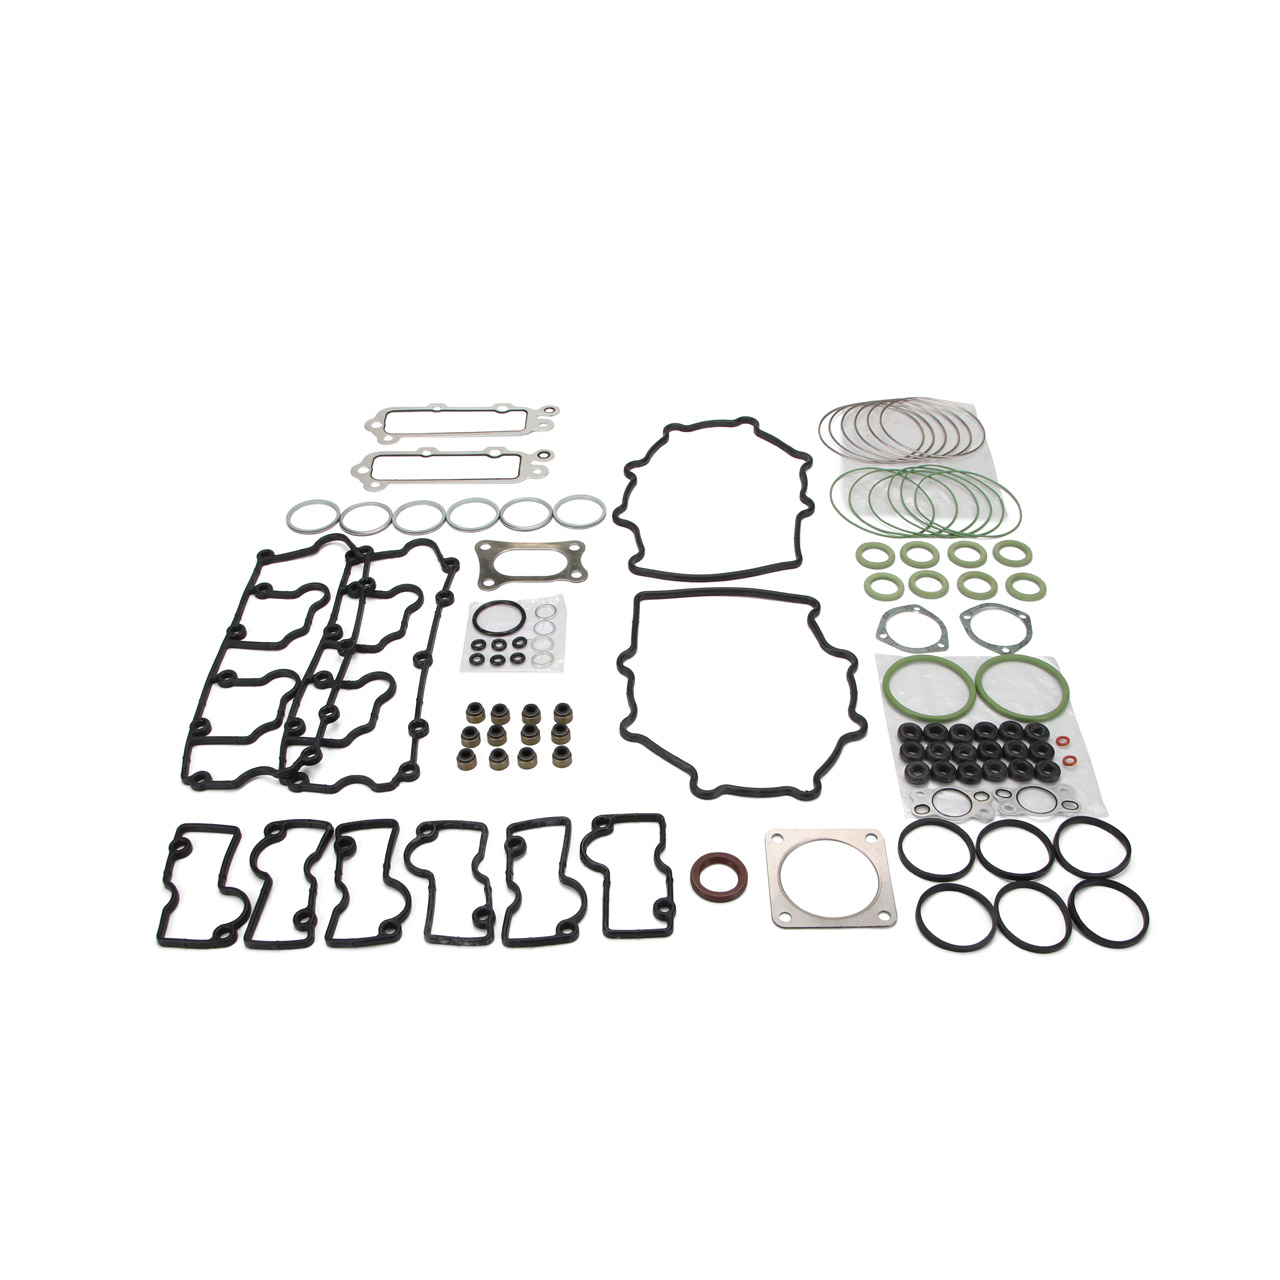 REINZ Dichtungssatz + 6x MAHLE Kolbenringsatz für PORSCHE 911 964 3.6 Carrera/RS